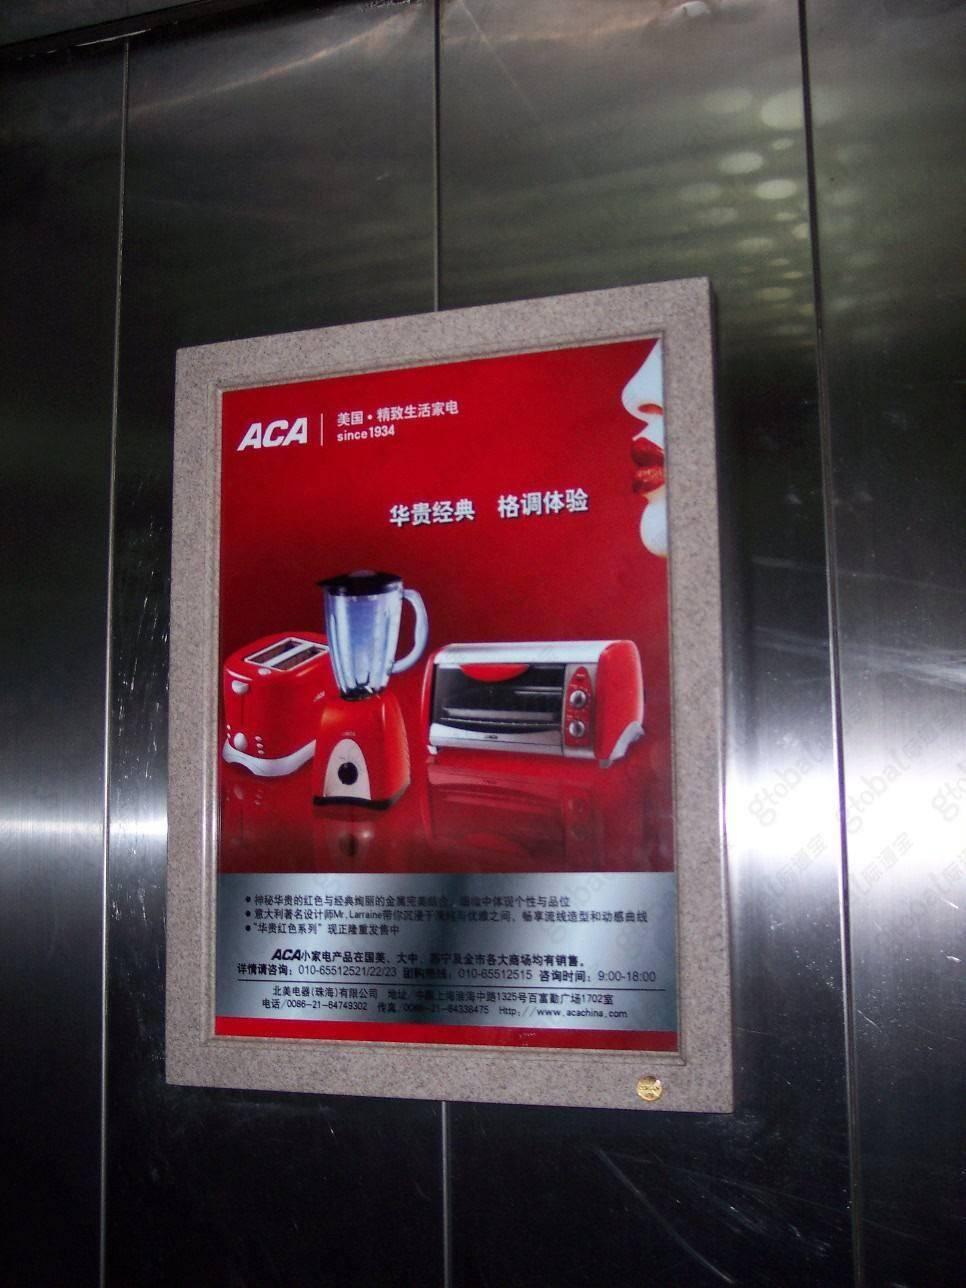 石家庄电梯广告公司广告牌框架3.0投放(100框起投)